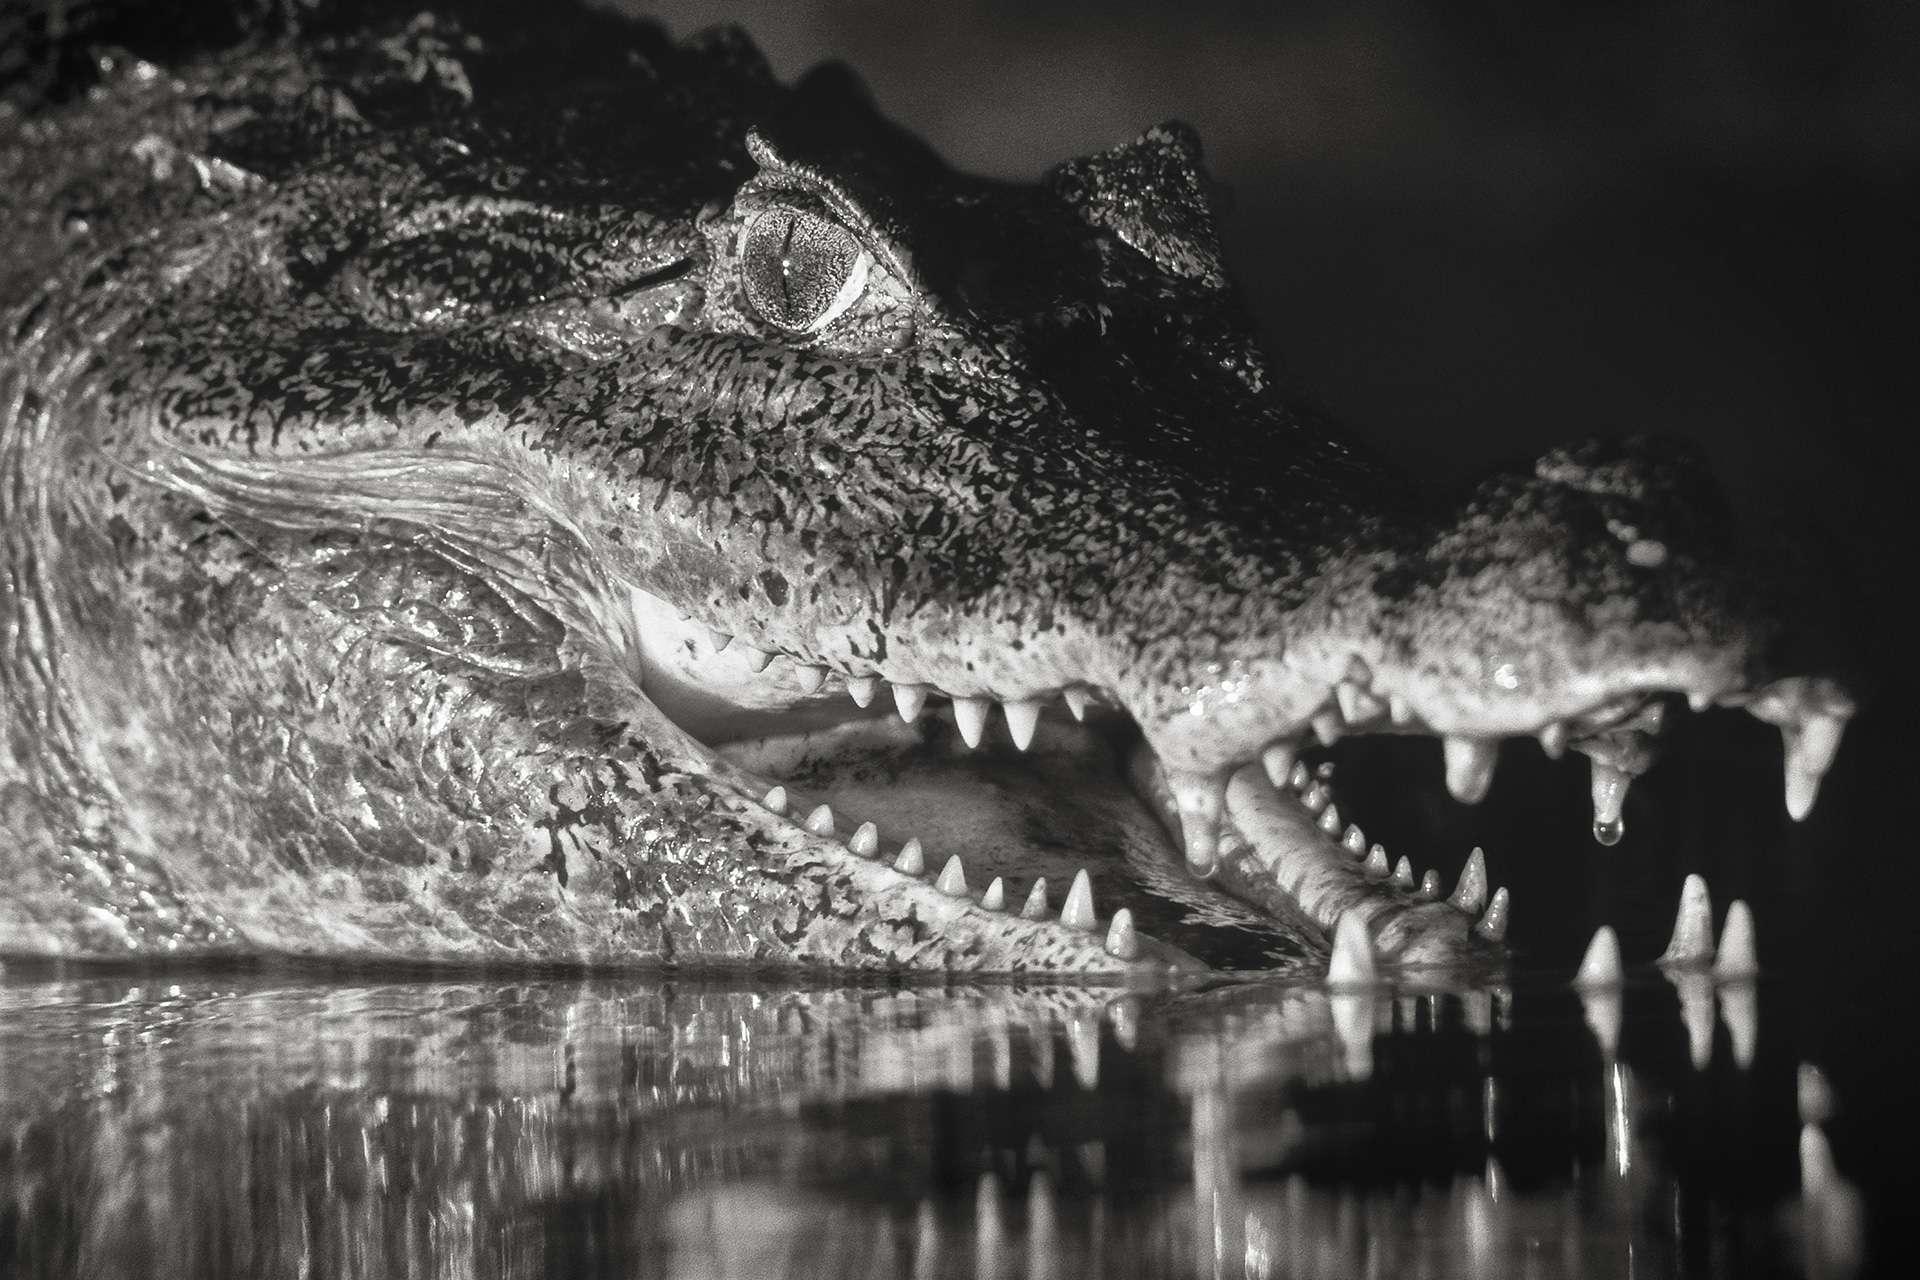 Photographie de Gilles Martin : crocodile, Caïman à lunettes du Venezuela, Struggle for life